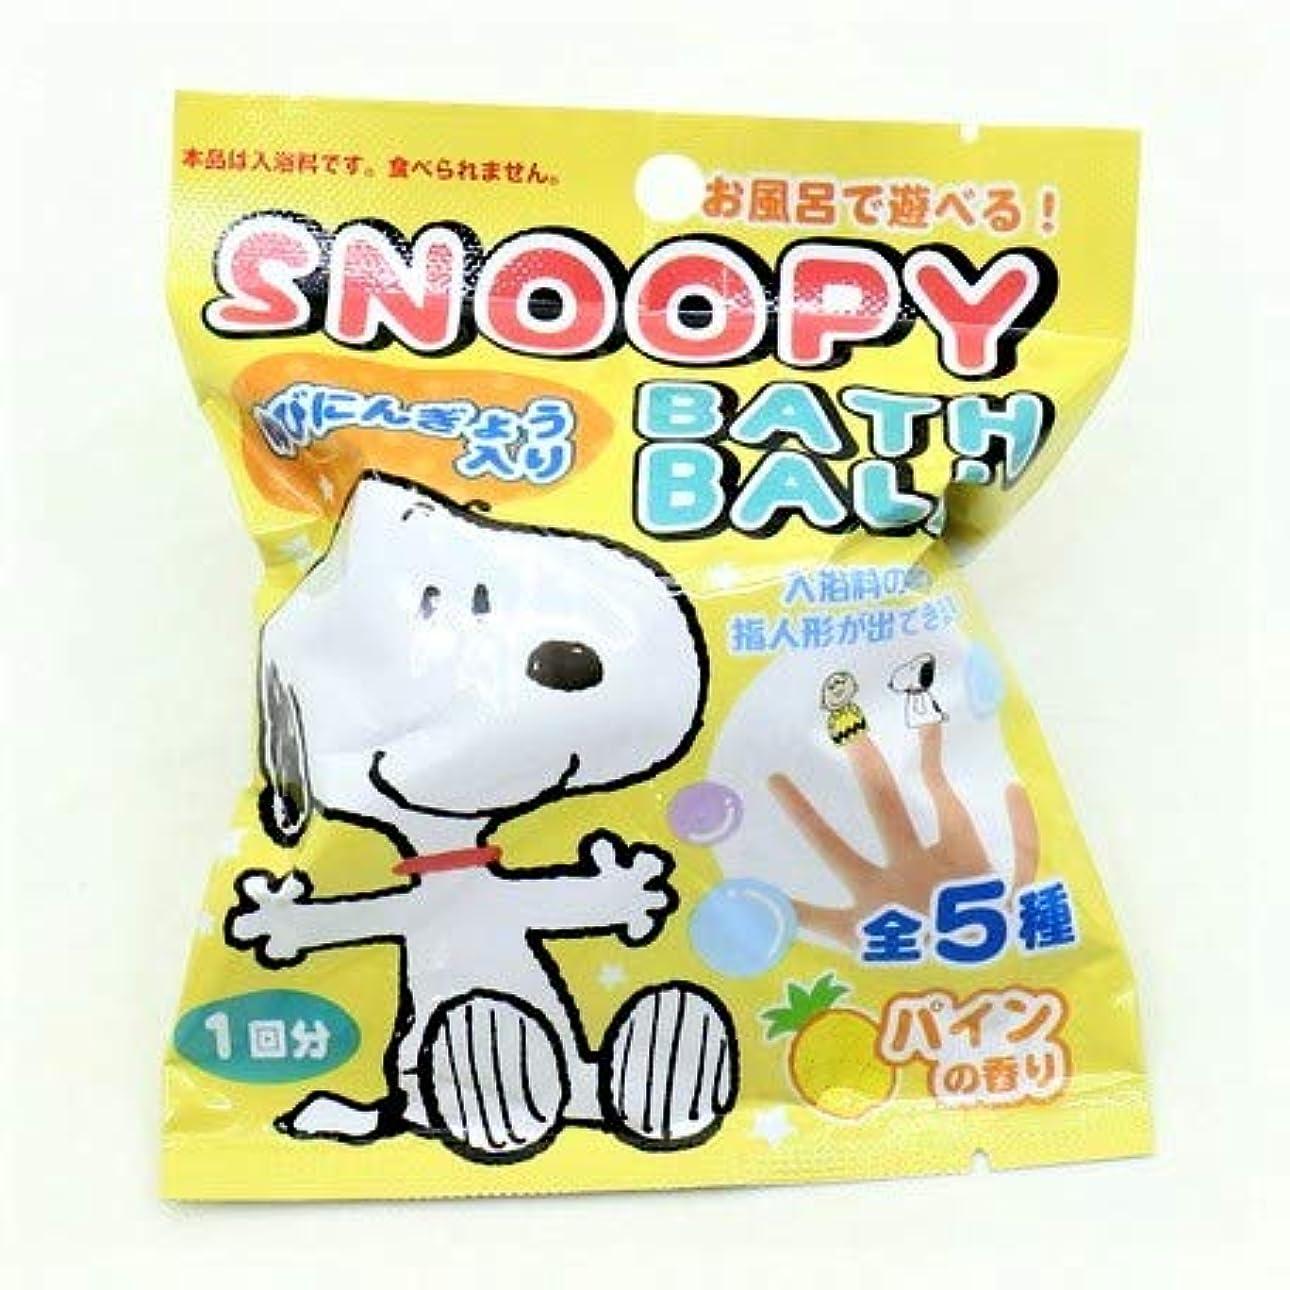 現実にはすばらしいです打ち上げるスヌーピー バスボール 入浴剤 パインの香り 6個1セット 指人形 Snoopy